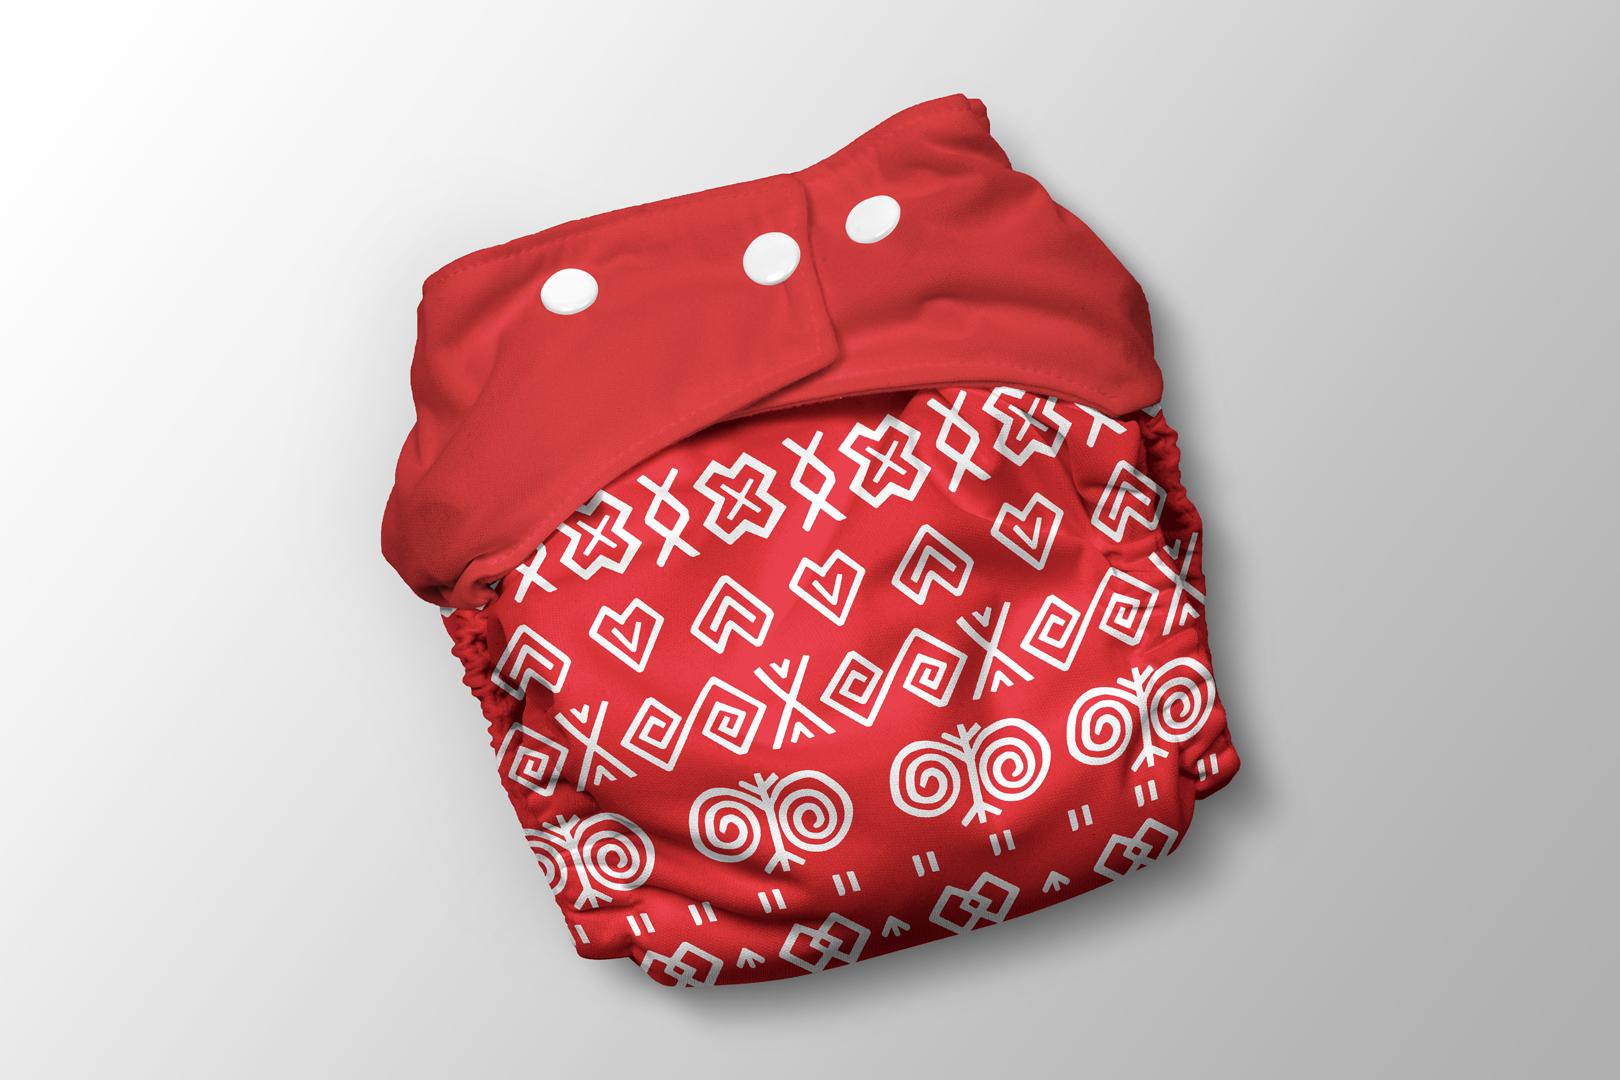 pannello-pul-per-mutandina-impermeabile-cicmany-rosso